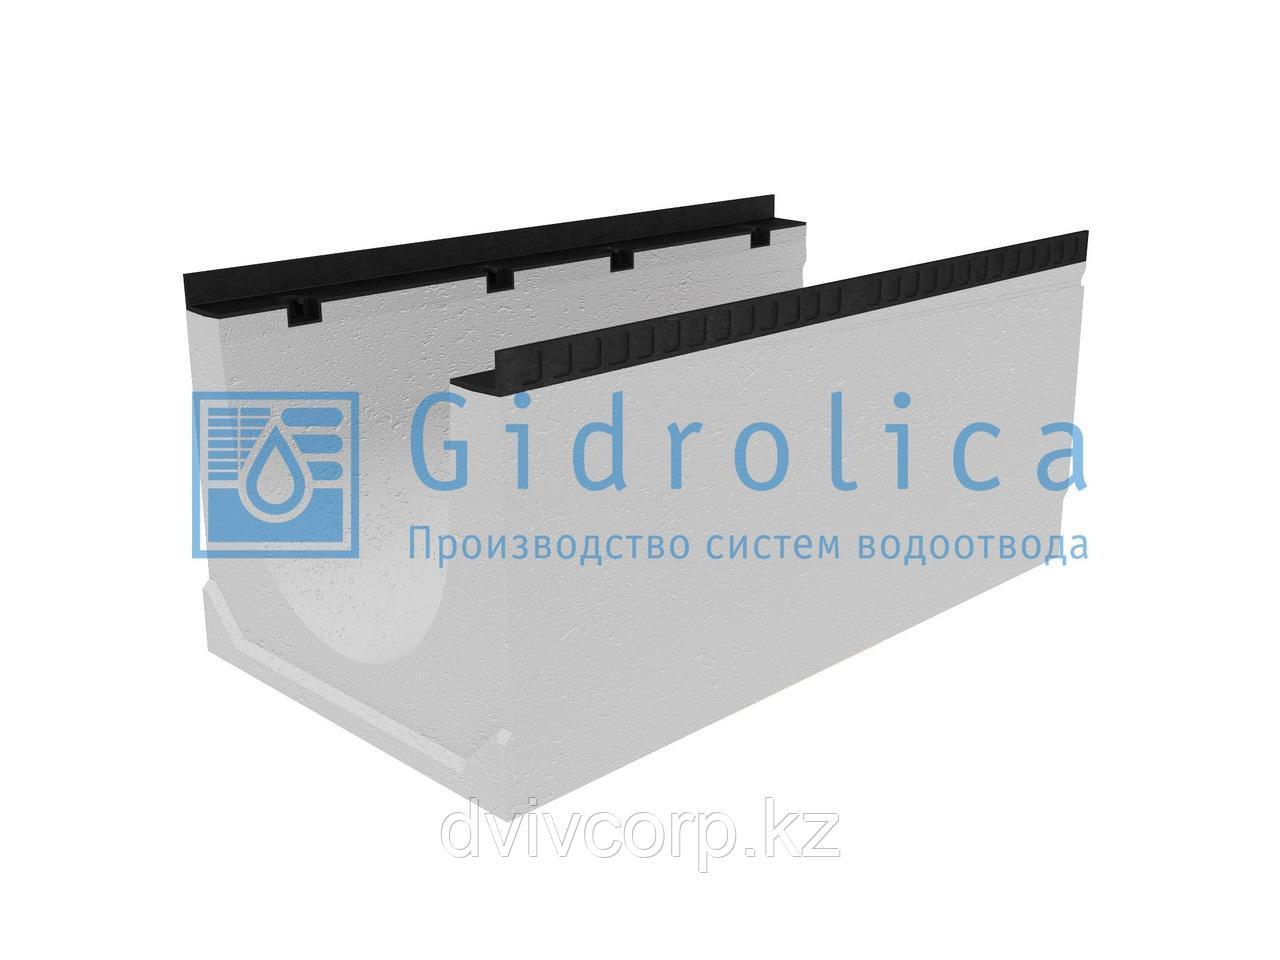 Лоток водоотводный бетонный коробчатый (СО-400мм), с уклоном 0,5%  КUу 100.54(40).47(39) - BGМ, № 4